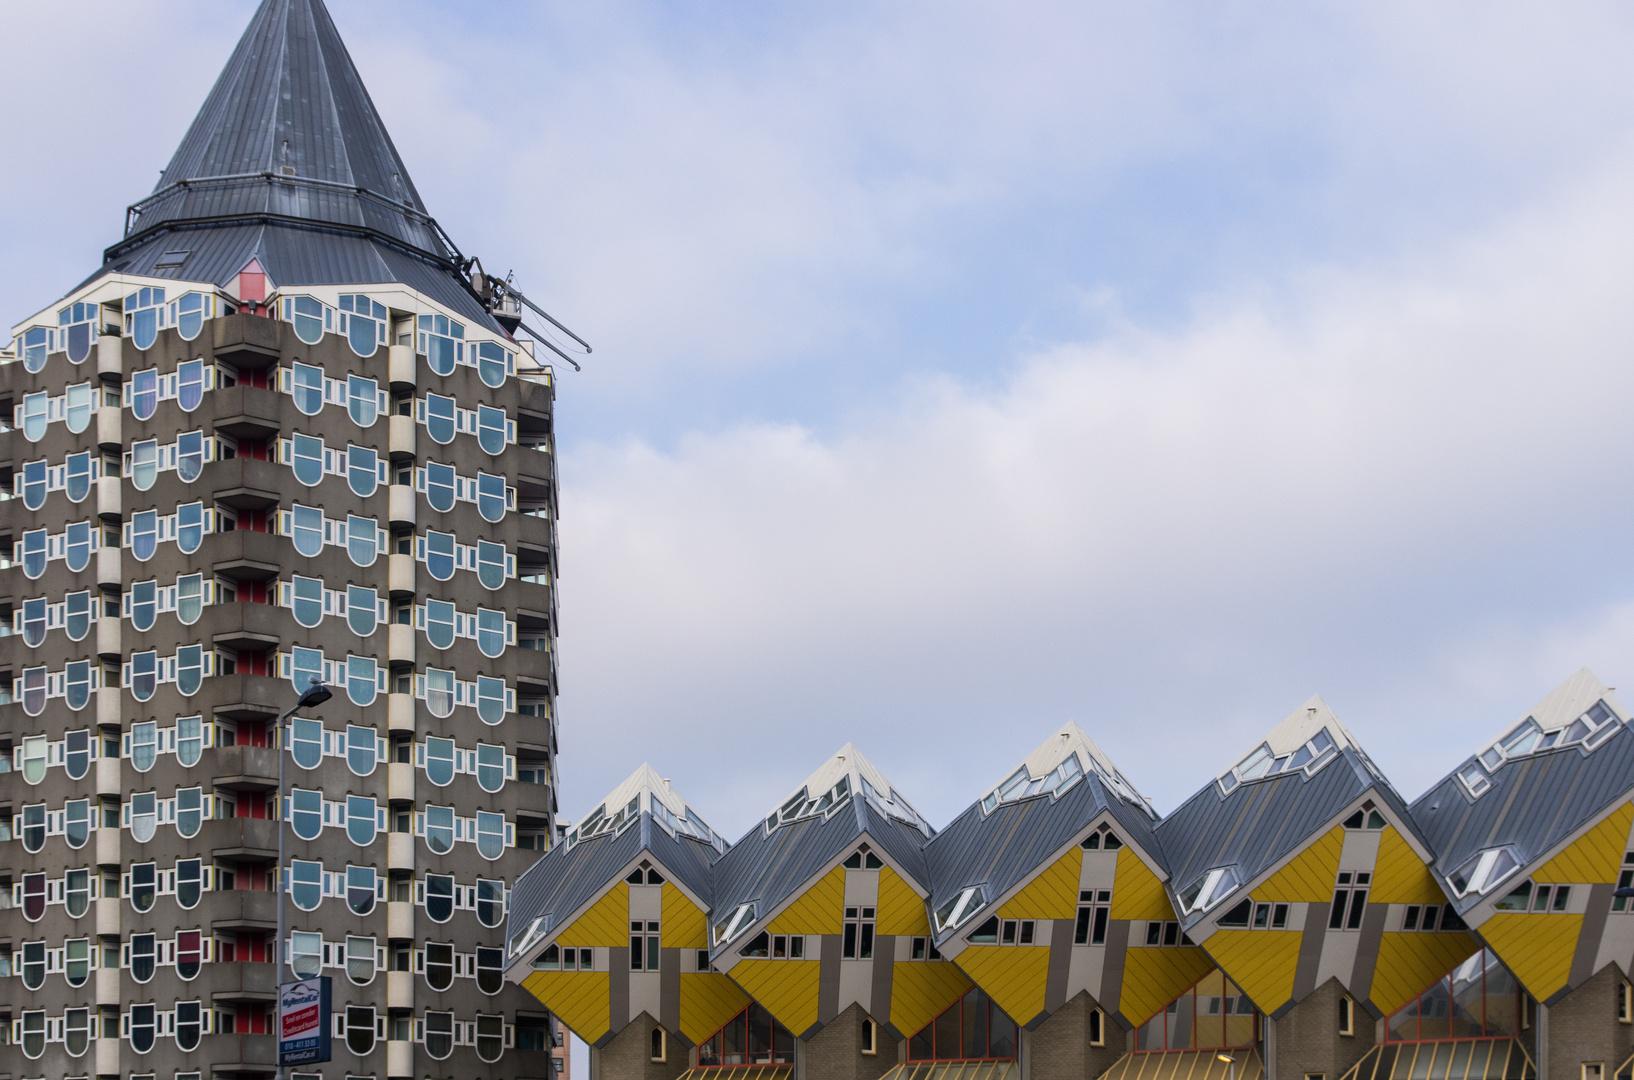 Moderne Architektur in Rotterdam Foto & Bild   world, europa ...